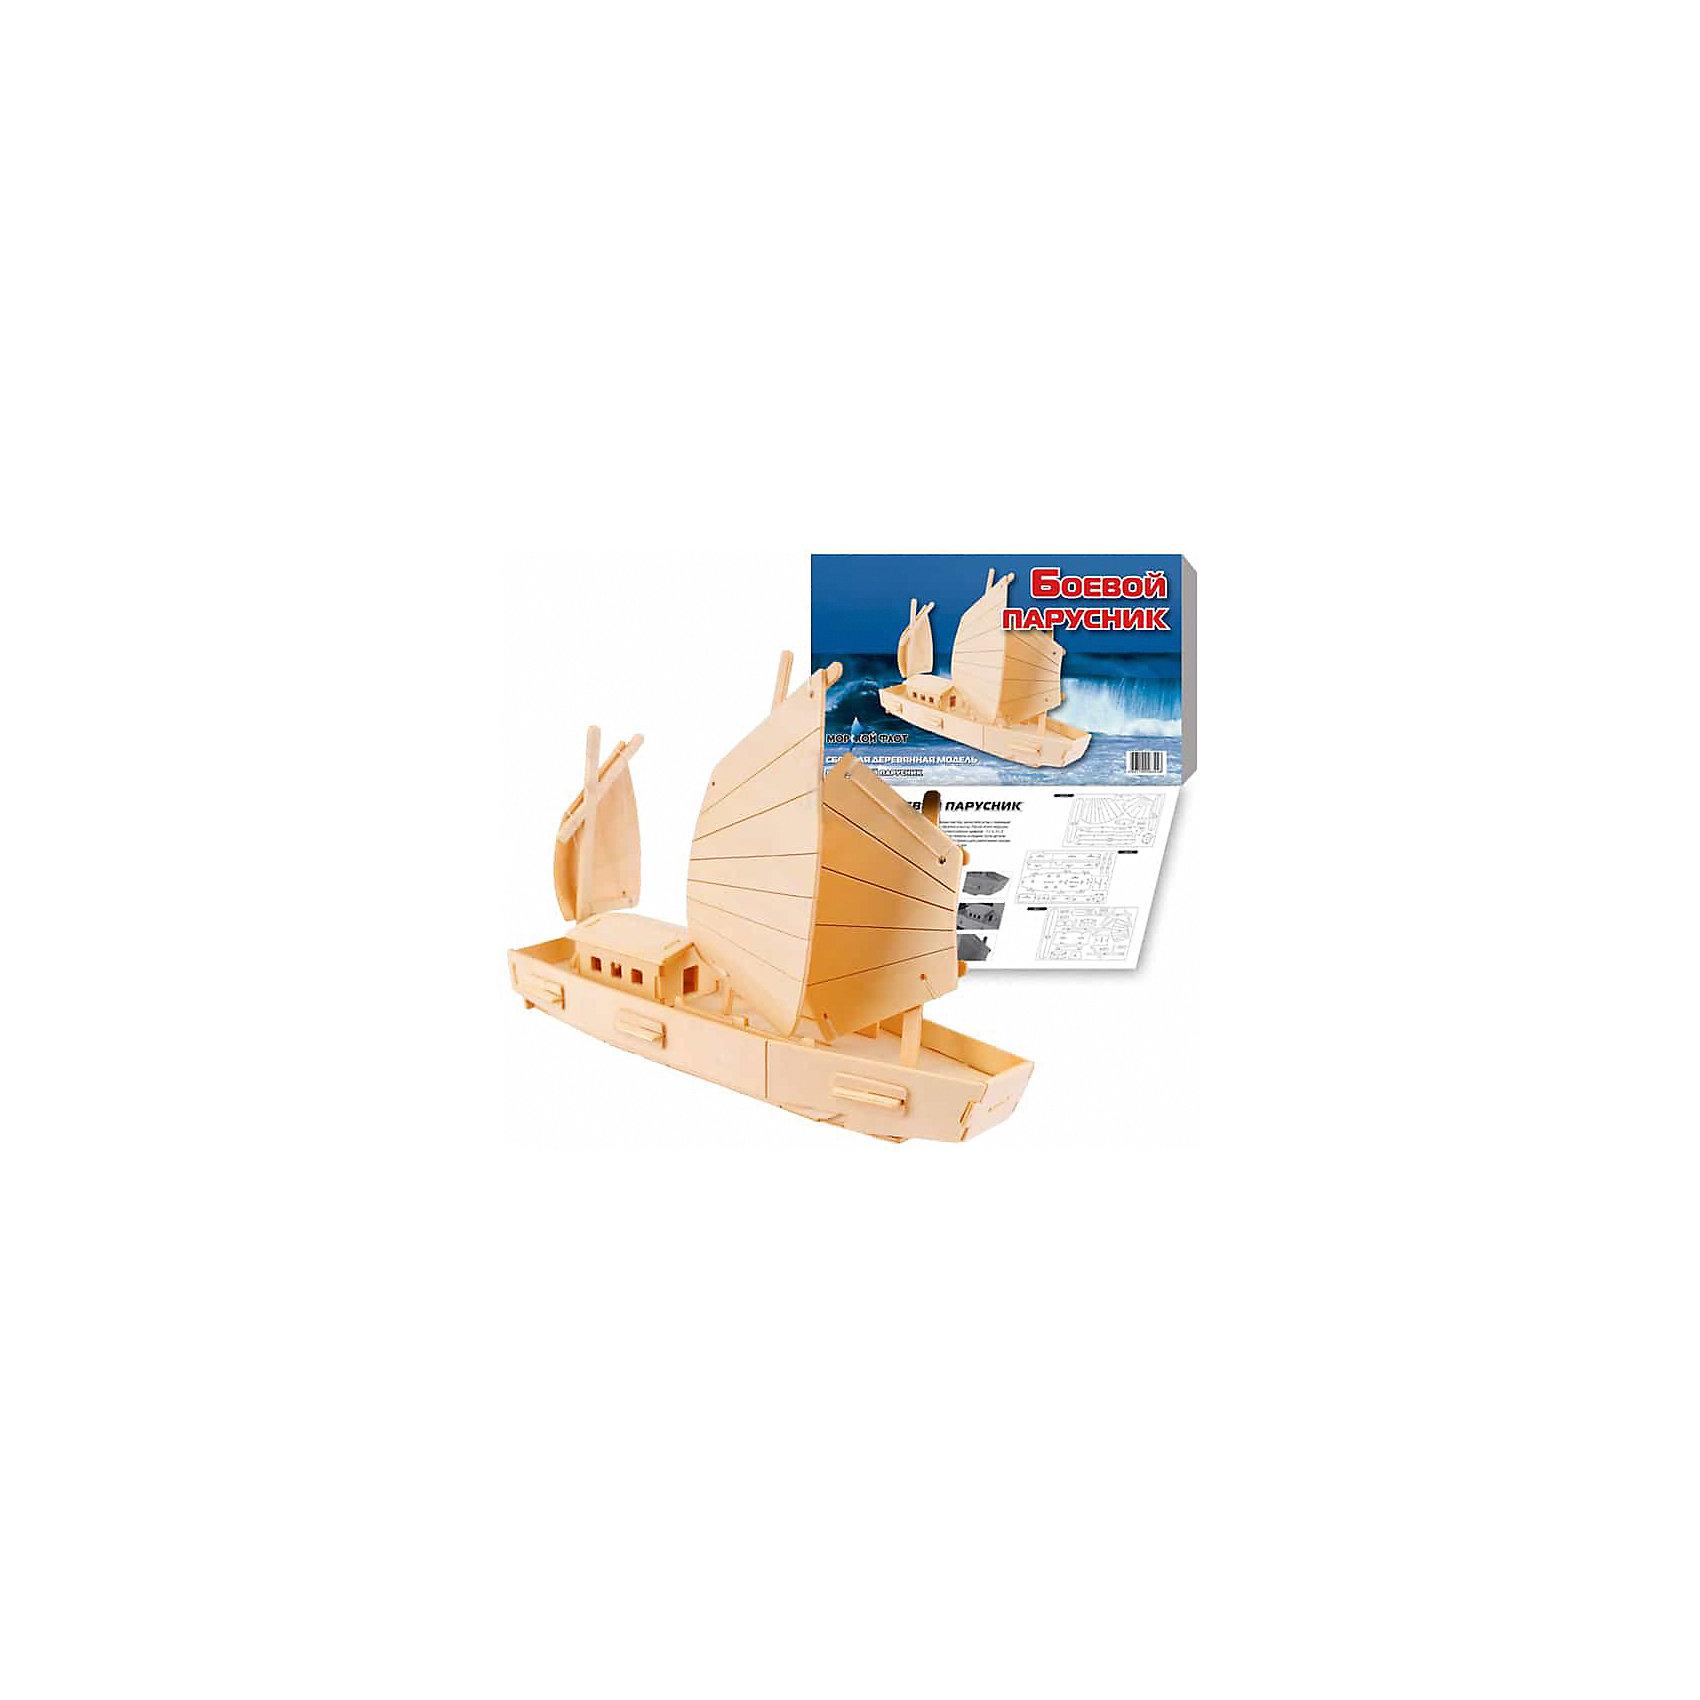 Боевой парусник, Мир деревянных игрушекОтличный  вариант подарка для любящего морские суда творческого ребенка - этот набор, из которого можно самому сделать красивую деревянную фигуру! Для этого нужно выдавить из пластины с деталями элементы для сборки и соединить их. Из наборов получаются красивые очень реалистичные игрушки, которые могут стать украшением комнаты.<br>Собирая их, ребенок будет развивать пространственное мышление, память и мелкую моторику. А раскрашивая готовое произведение, дети научатся подбирать цвета и будут развивать художественные навыки. Этот набор произведен из качественных и безопасных для детей материалов - дерево тщательно обработано.<br><br>Дополнительная информация:<br><br>материал: дерево;<br>цвет: бежевый;<br>элементы: пластины с деталями для сборки, схема сборки;<br>размер упаковки: 23 х 37 см.<br><br>3D-пазл Боевой парусник от бренда Мир деревянных игрушек можно купить в нашем магазине.<br><br>Ширина мм: 350<br>Глубина мм: 50<br>Высота мм: 225<br>Вес г: 450<br>Возраст от месяцев: 36<br>Возраст до месяцев: 144<br>Пол: Унисекс<br>Возраст: Детский<br>SKU: 4969211